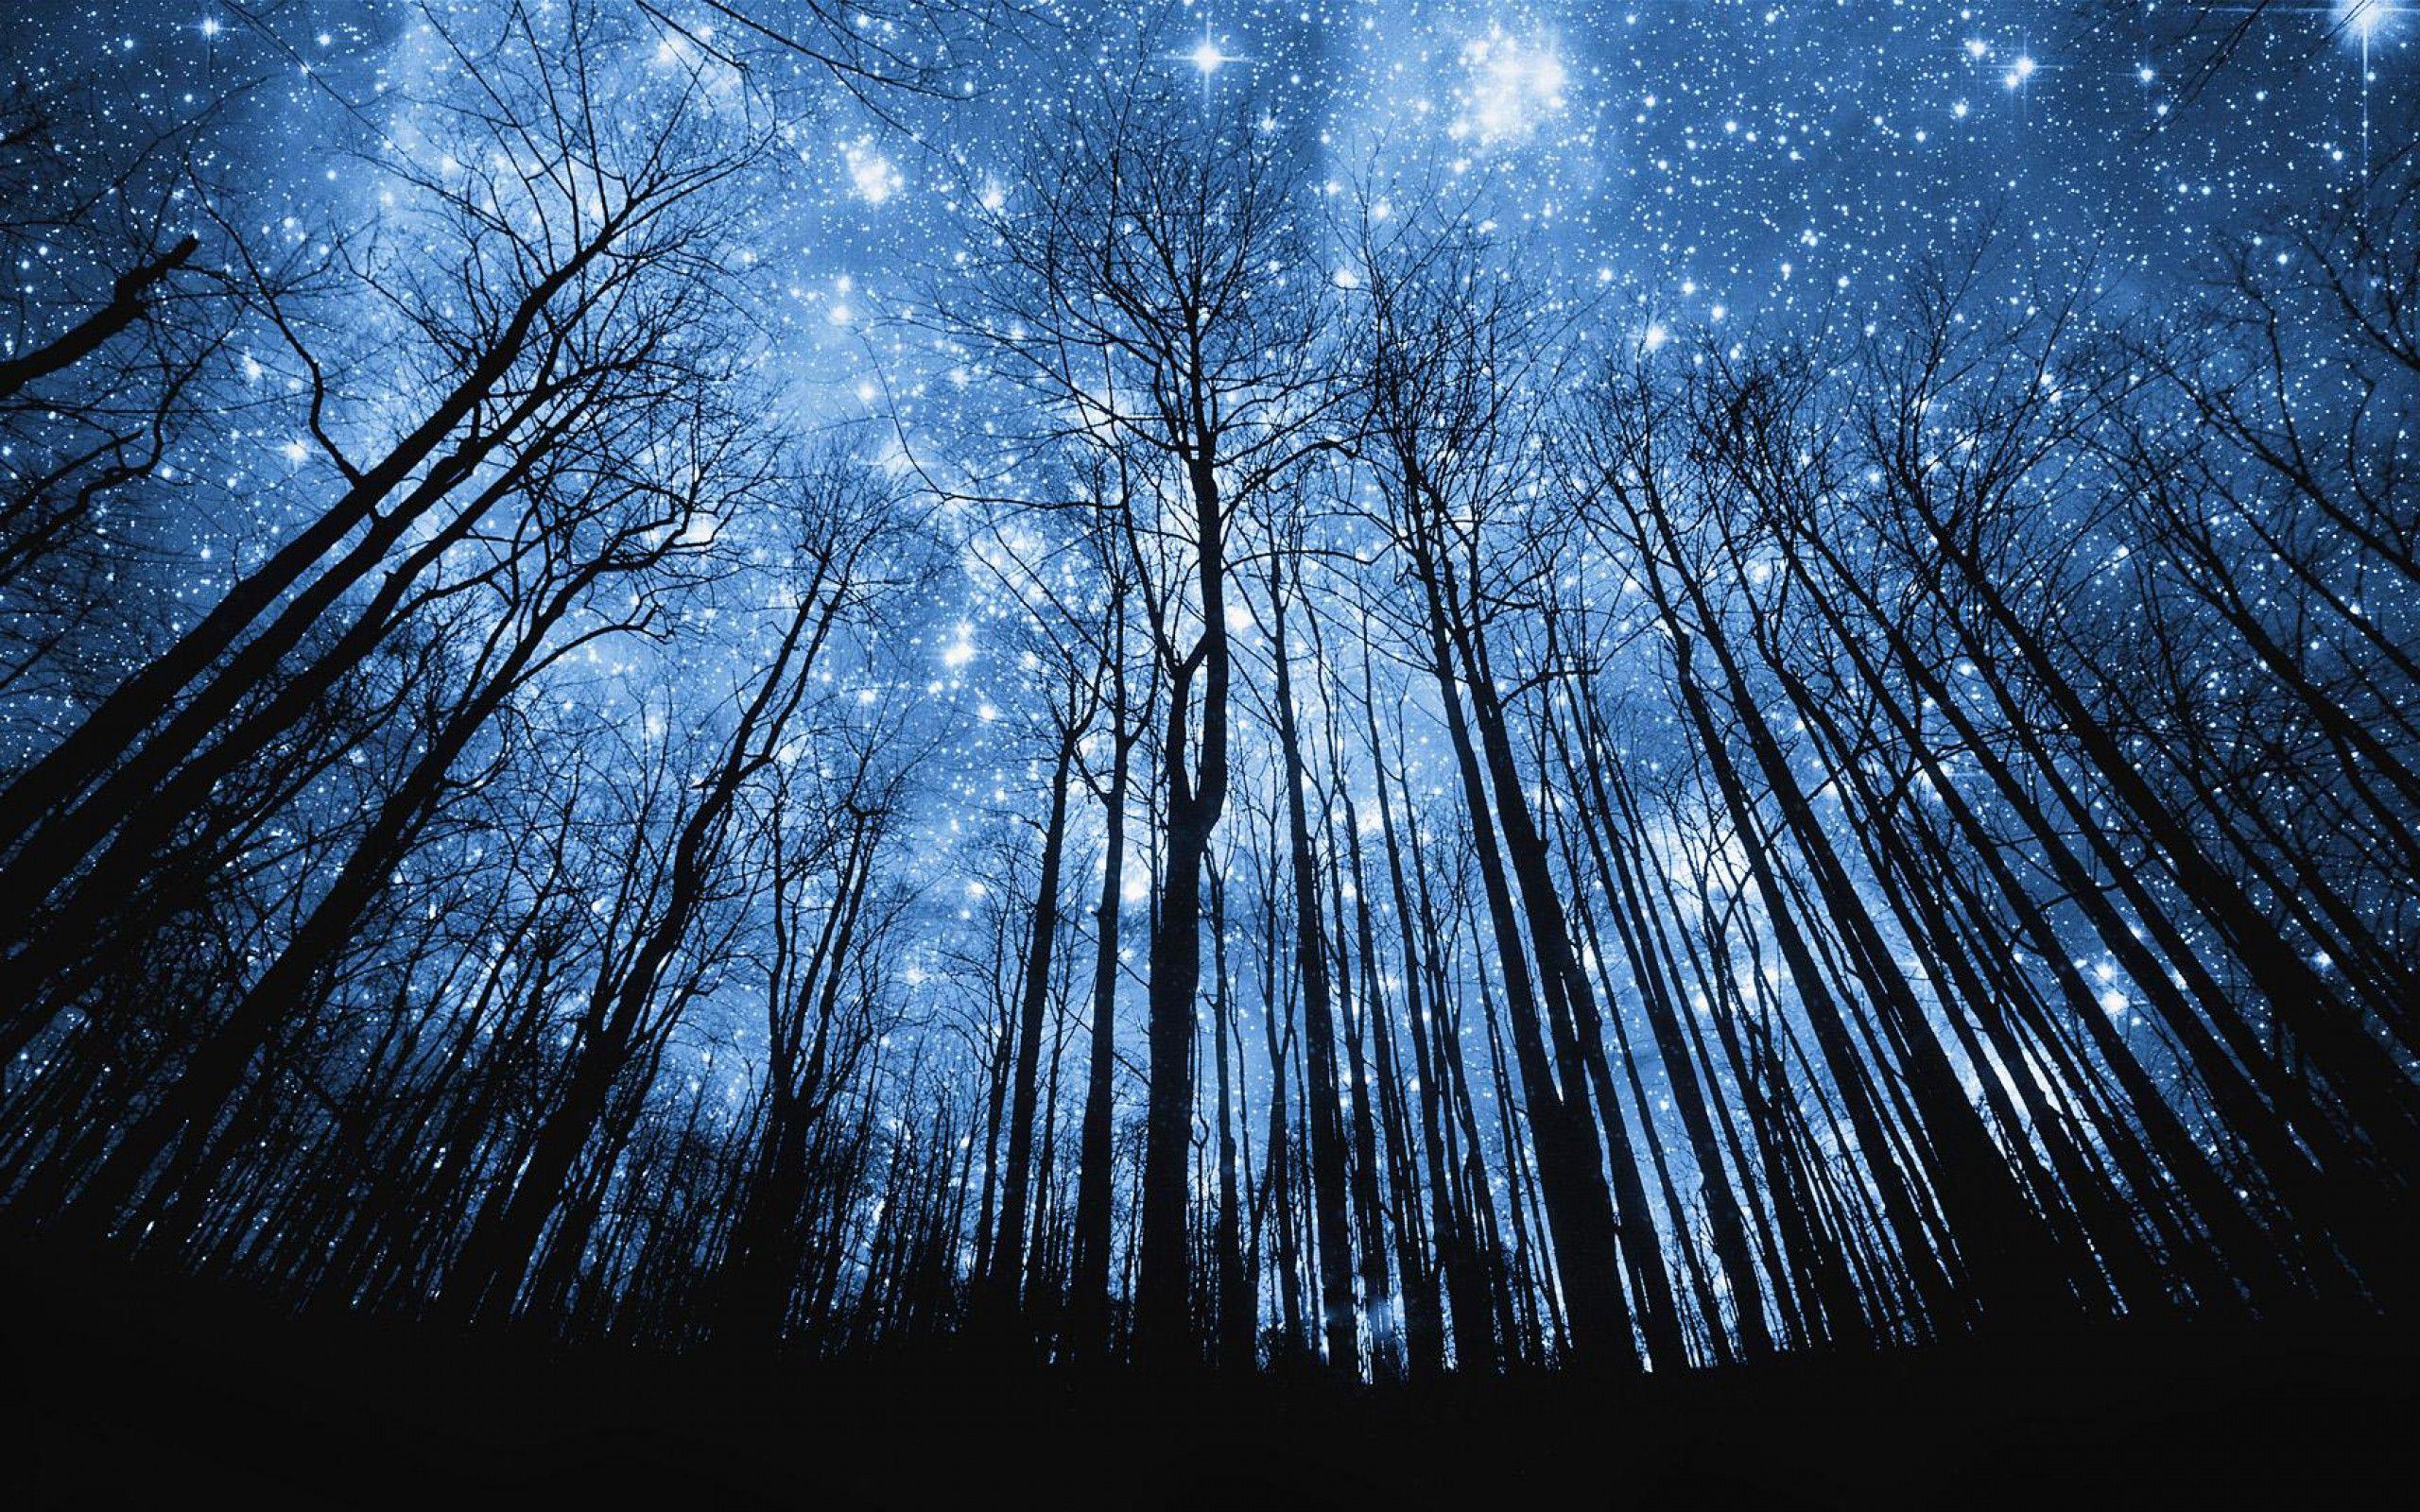 Night Sky Wallpaper Starry Night Wallpaper Starry Night Sky Wallpaper starry sky stars forest night